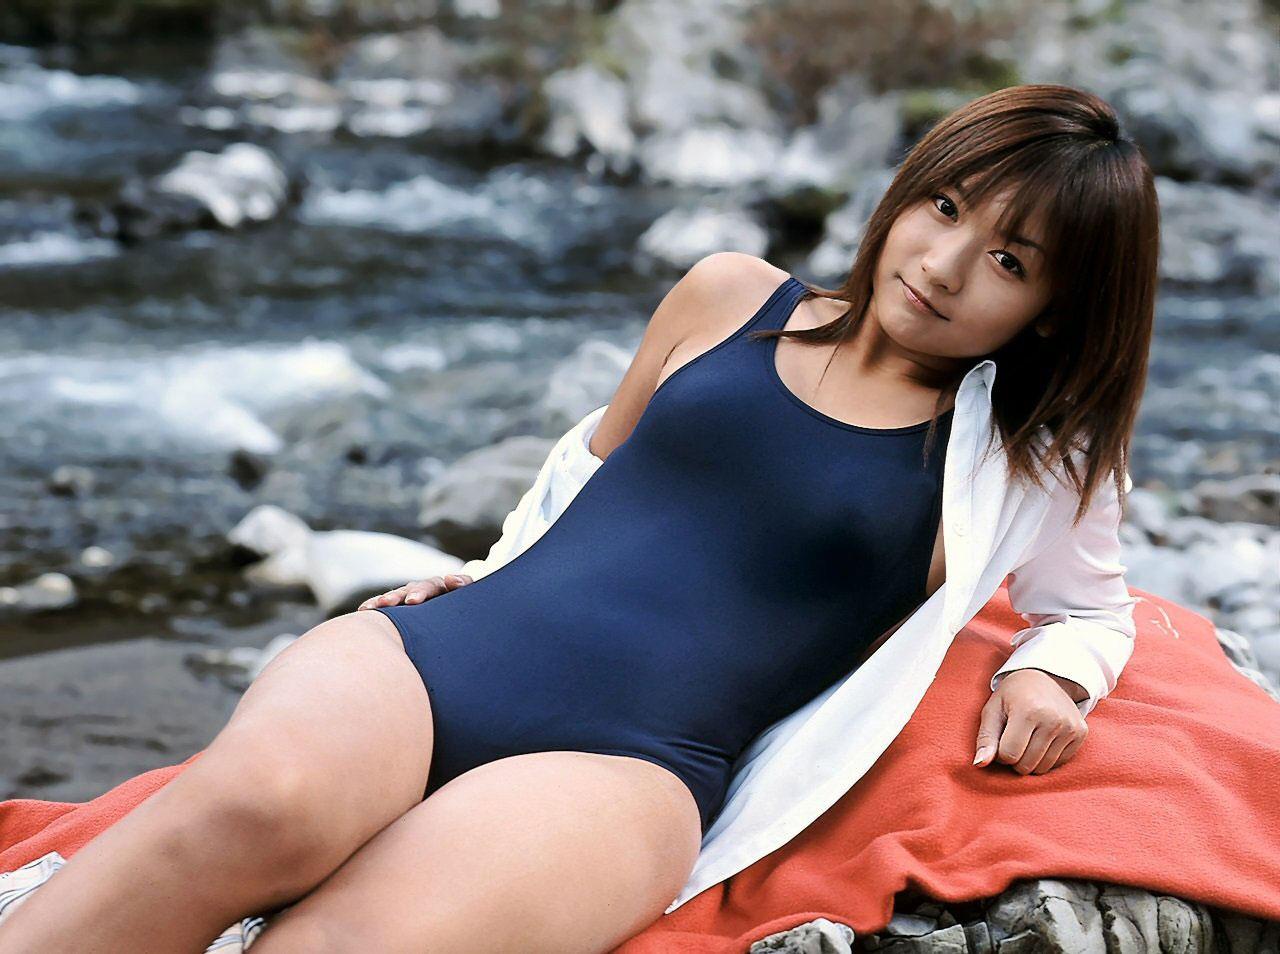 【おっぱい】スク水とか競泳水着ってビキニより露出低いのにエロいよなwww【39枚】 39